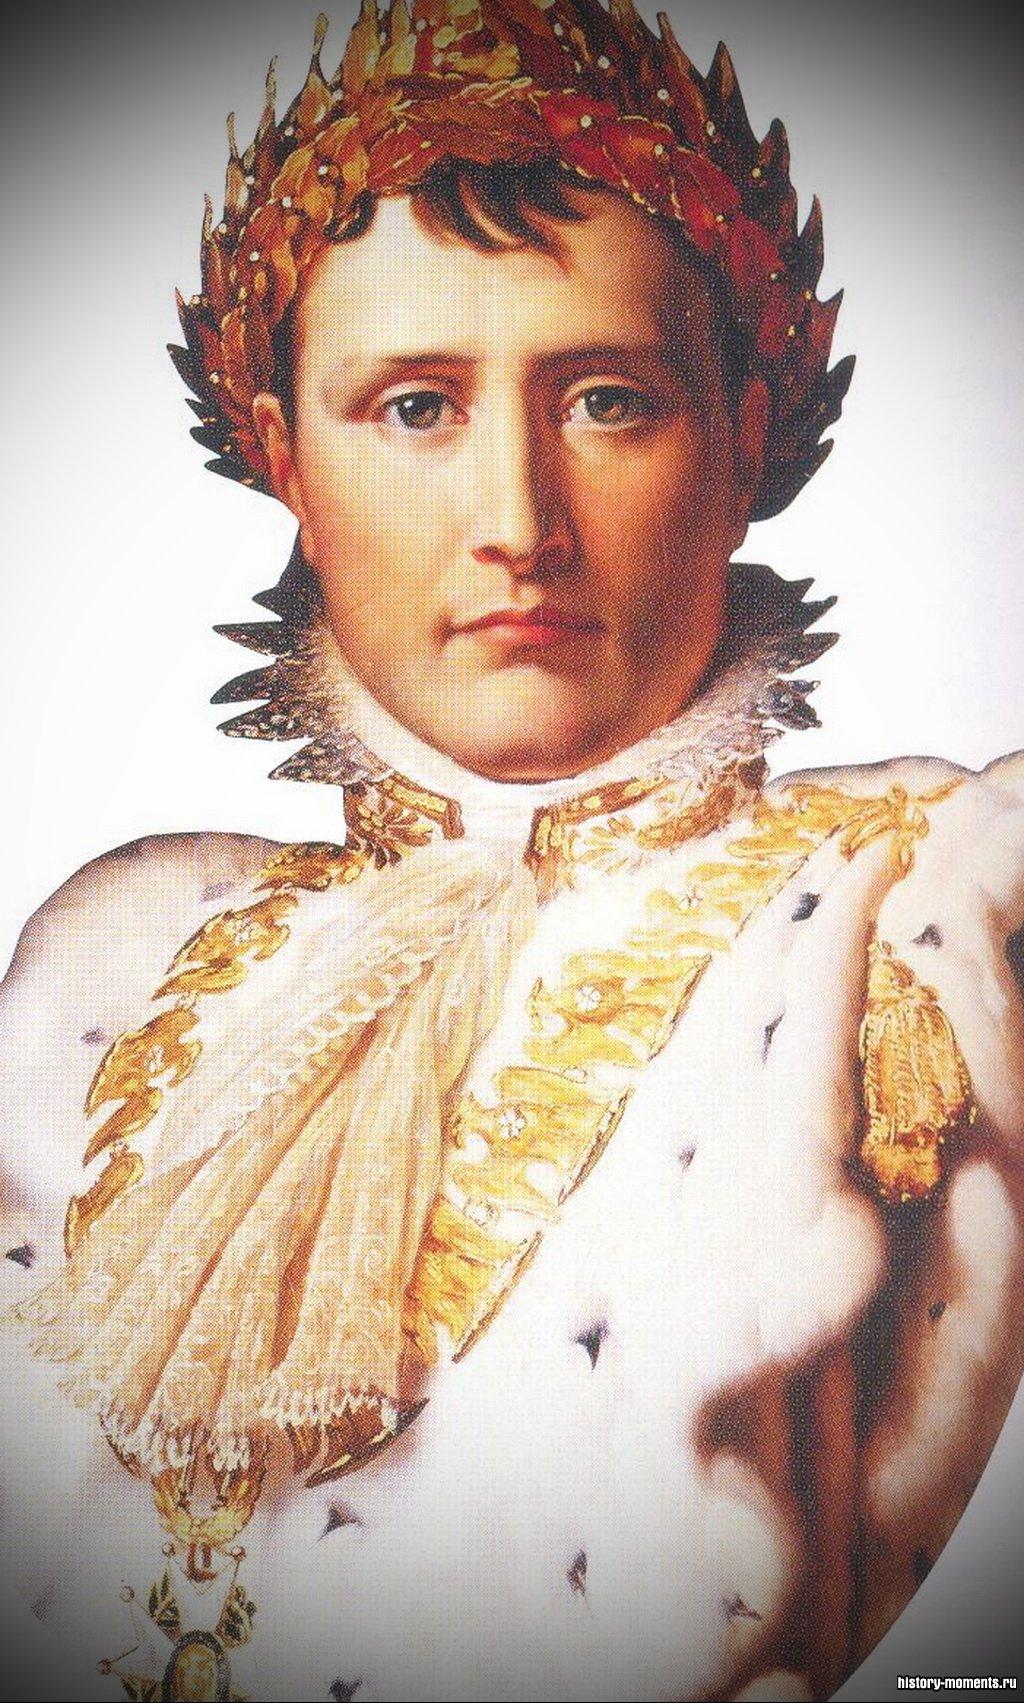 На этом портрете французский император Наполеон изображен в золотом венке. Это восходит к римской традиции увенчивать победителя лавровым венком.